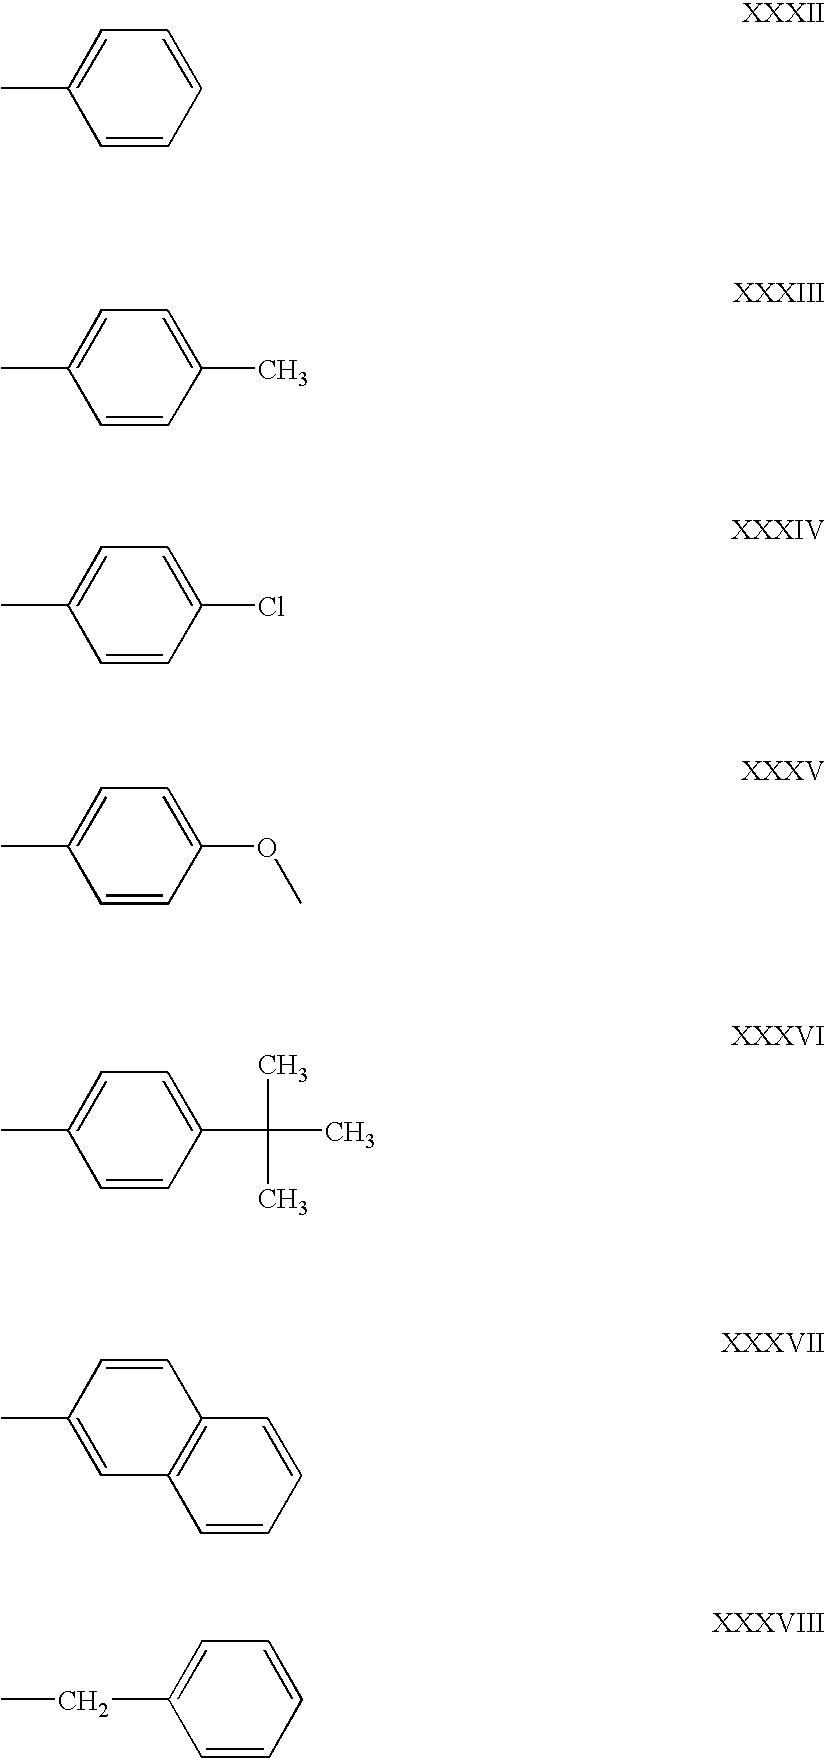 Figure US08445558-20130521-C00015